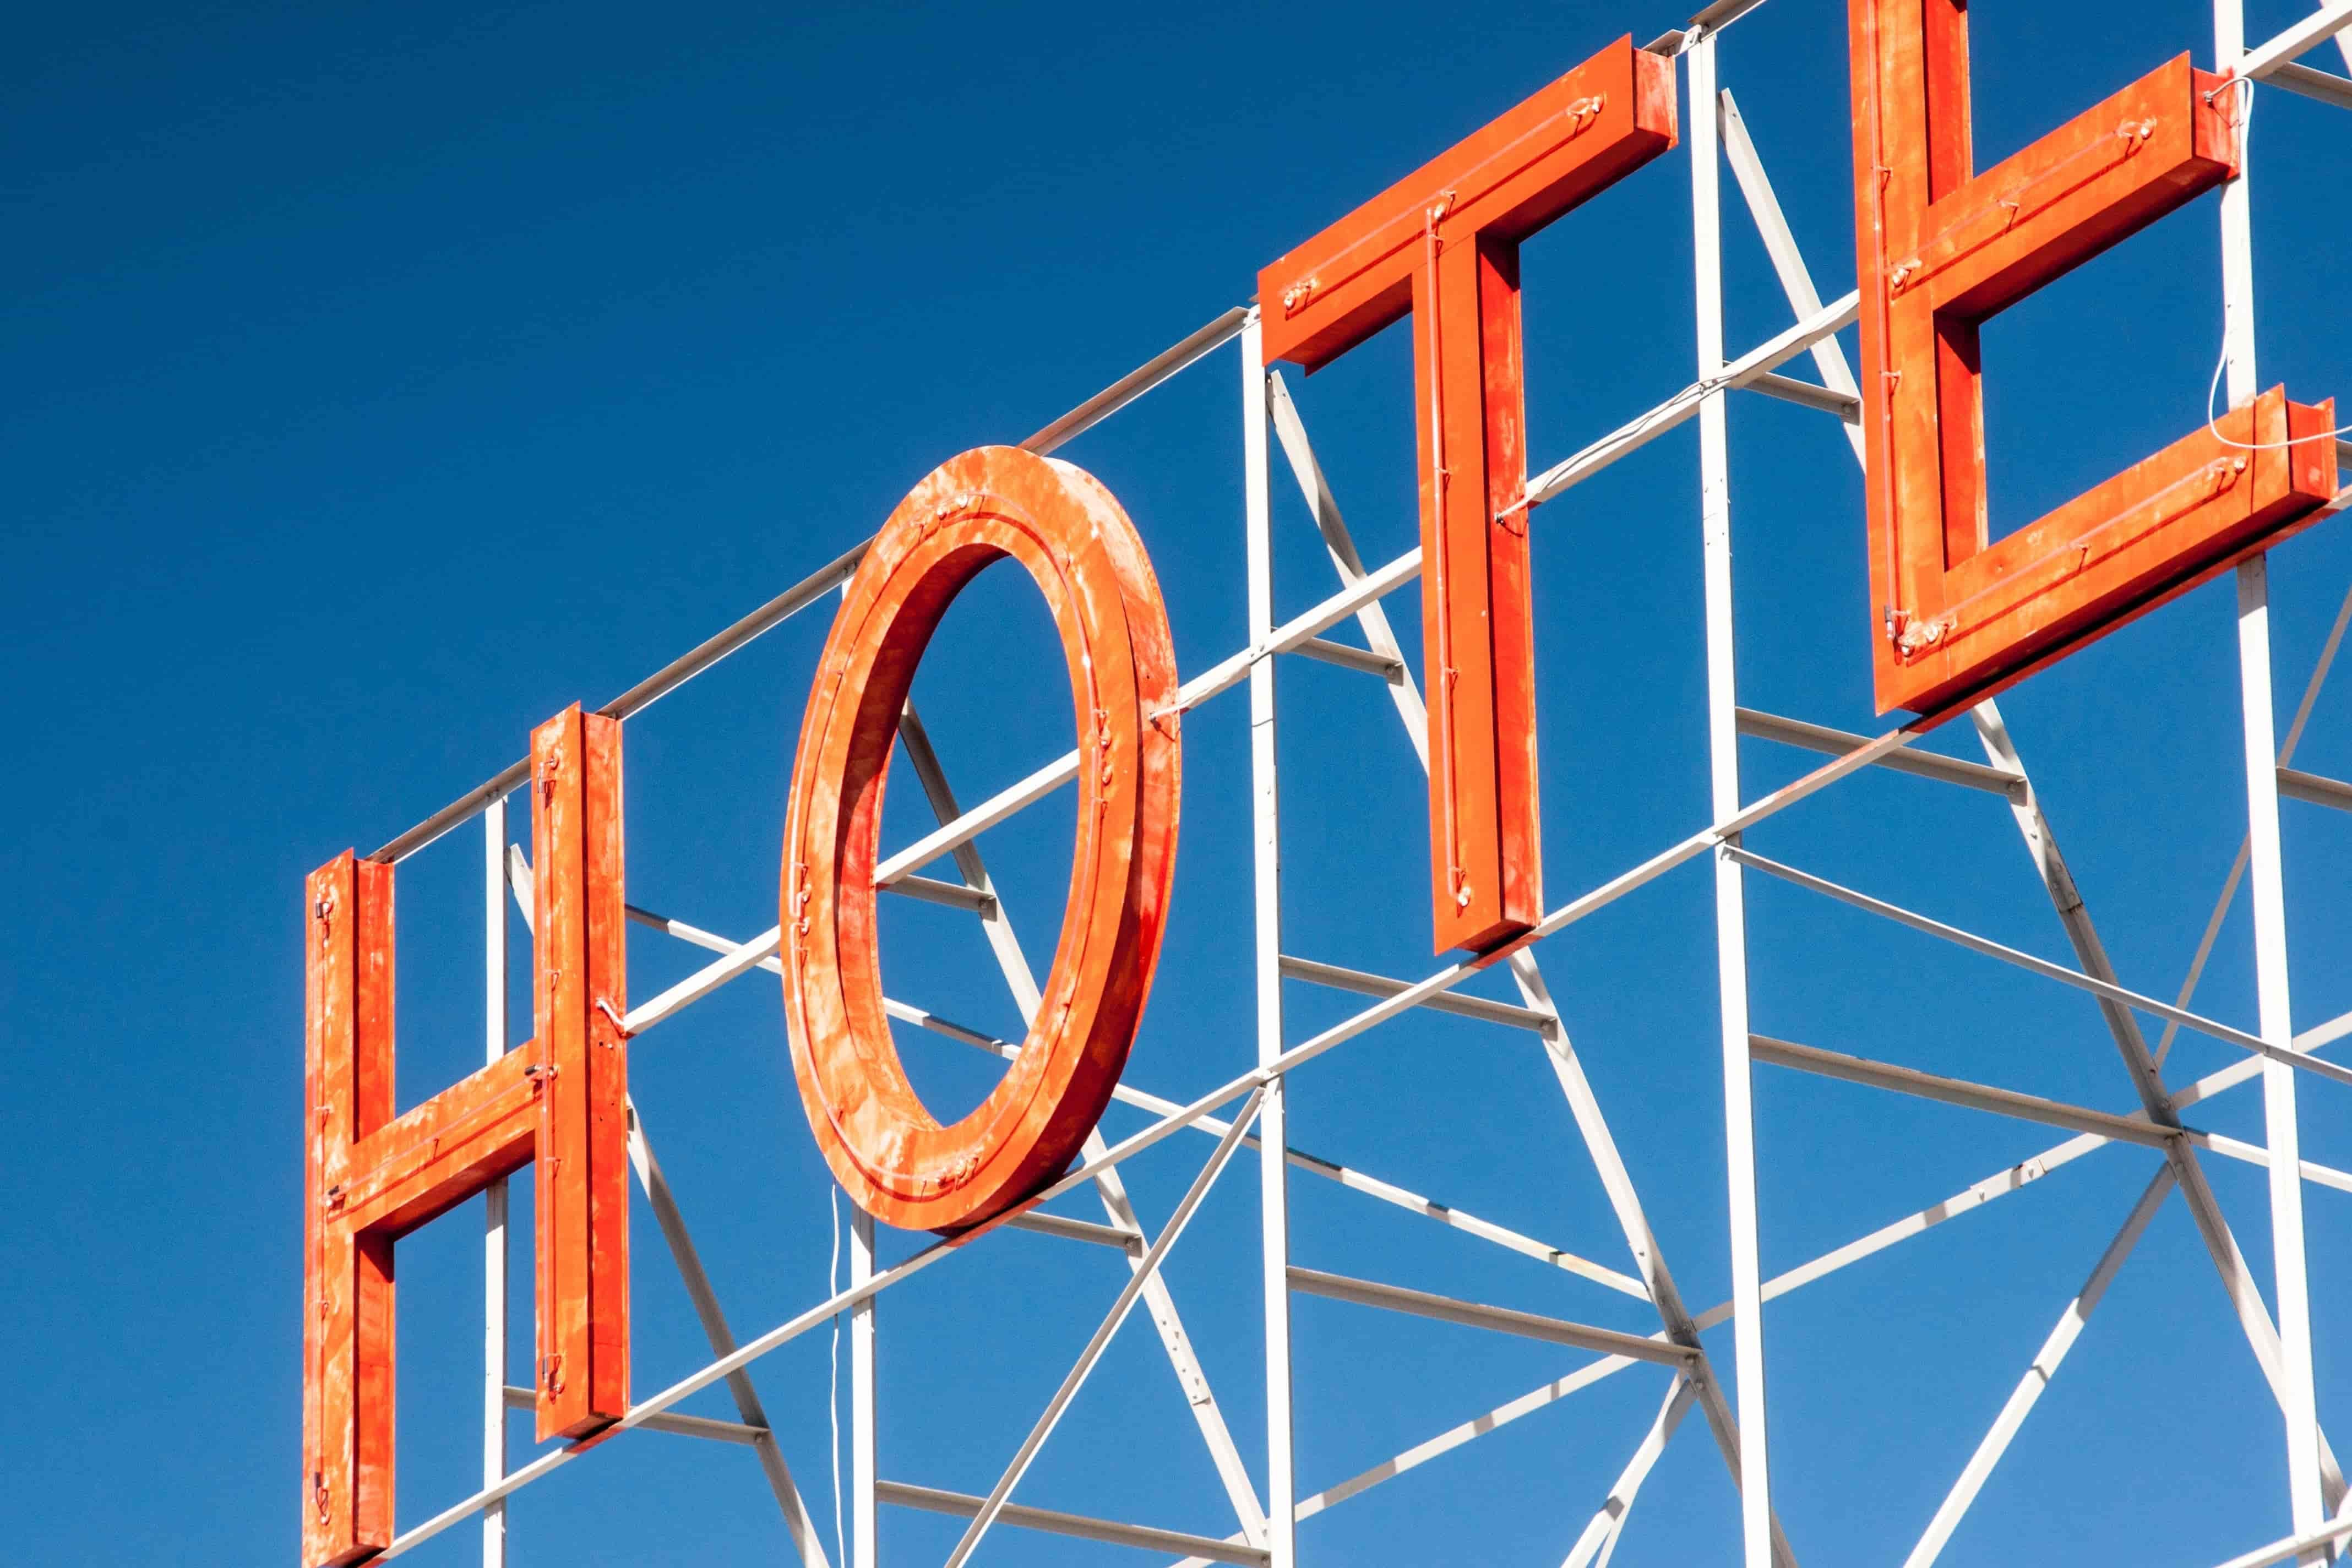 Réservez maintenant votre hôtel avec Okarito